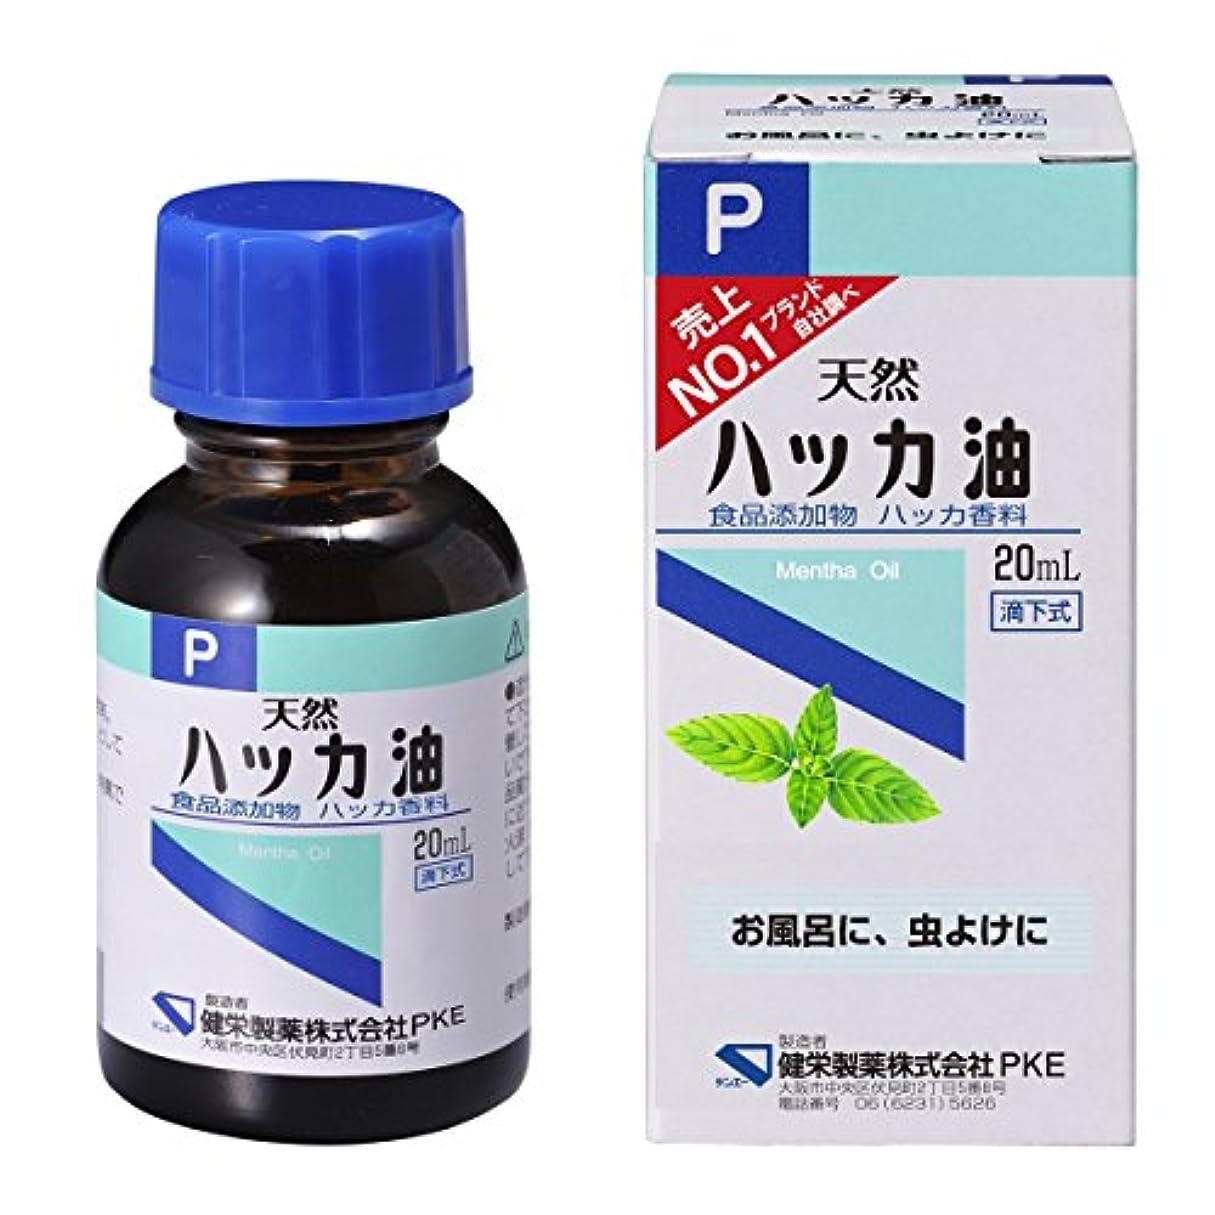 遺棄された再撮り大臣【食品添加物】ハッカ油P 20ml(アロマ?お風呂?虫よけ)